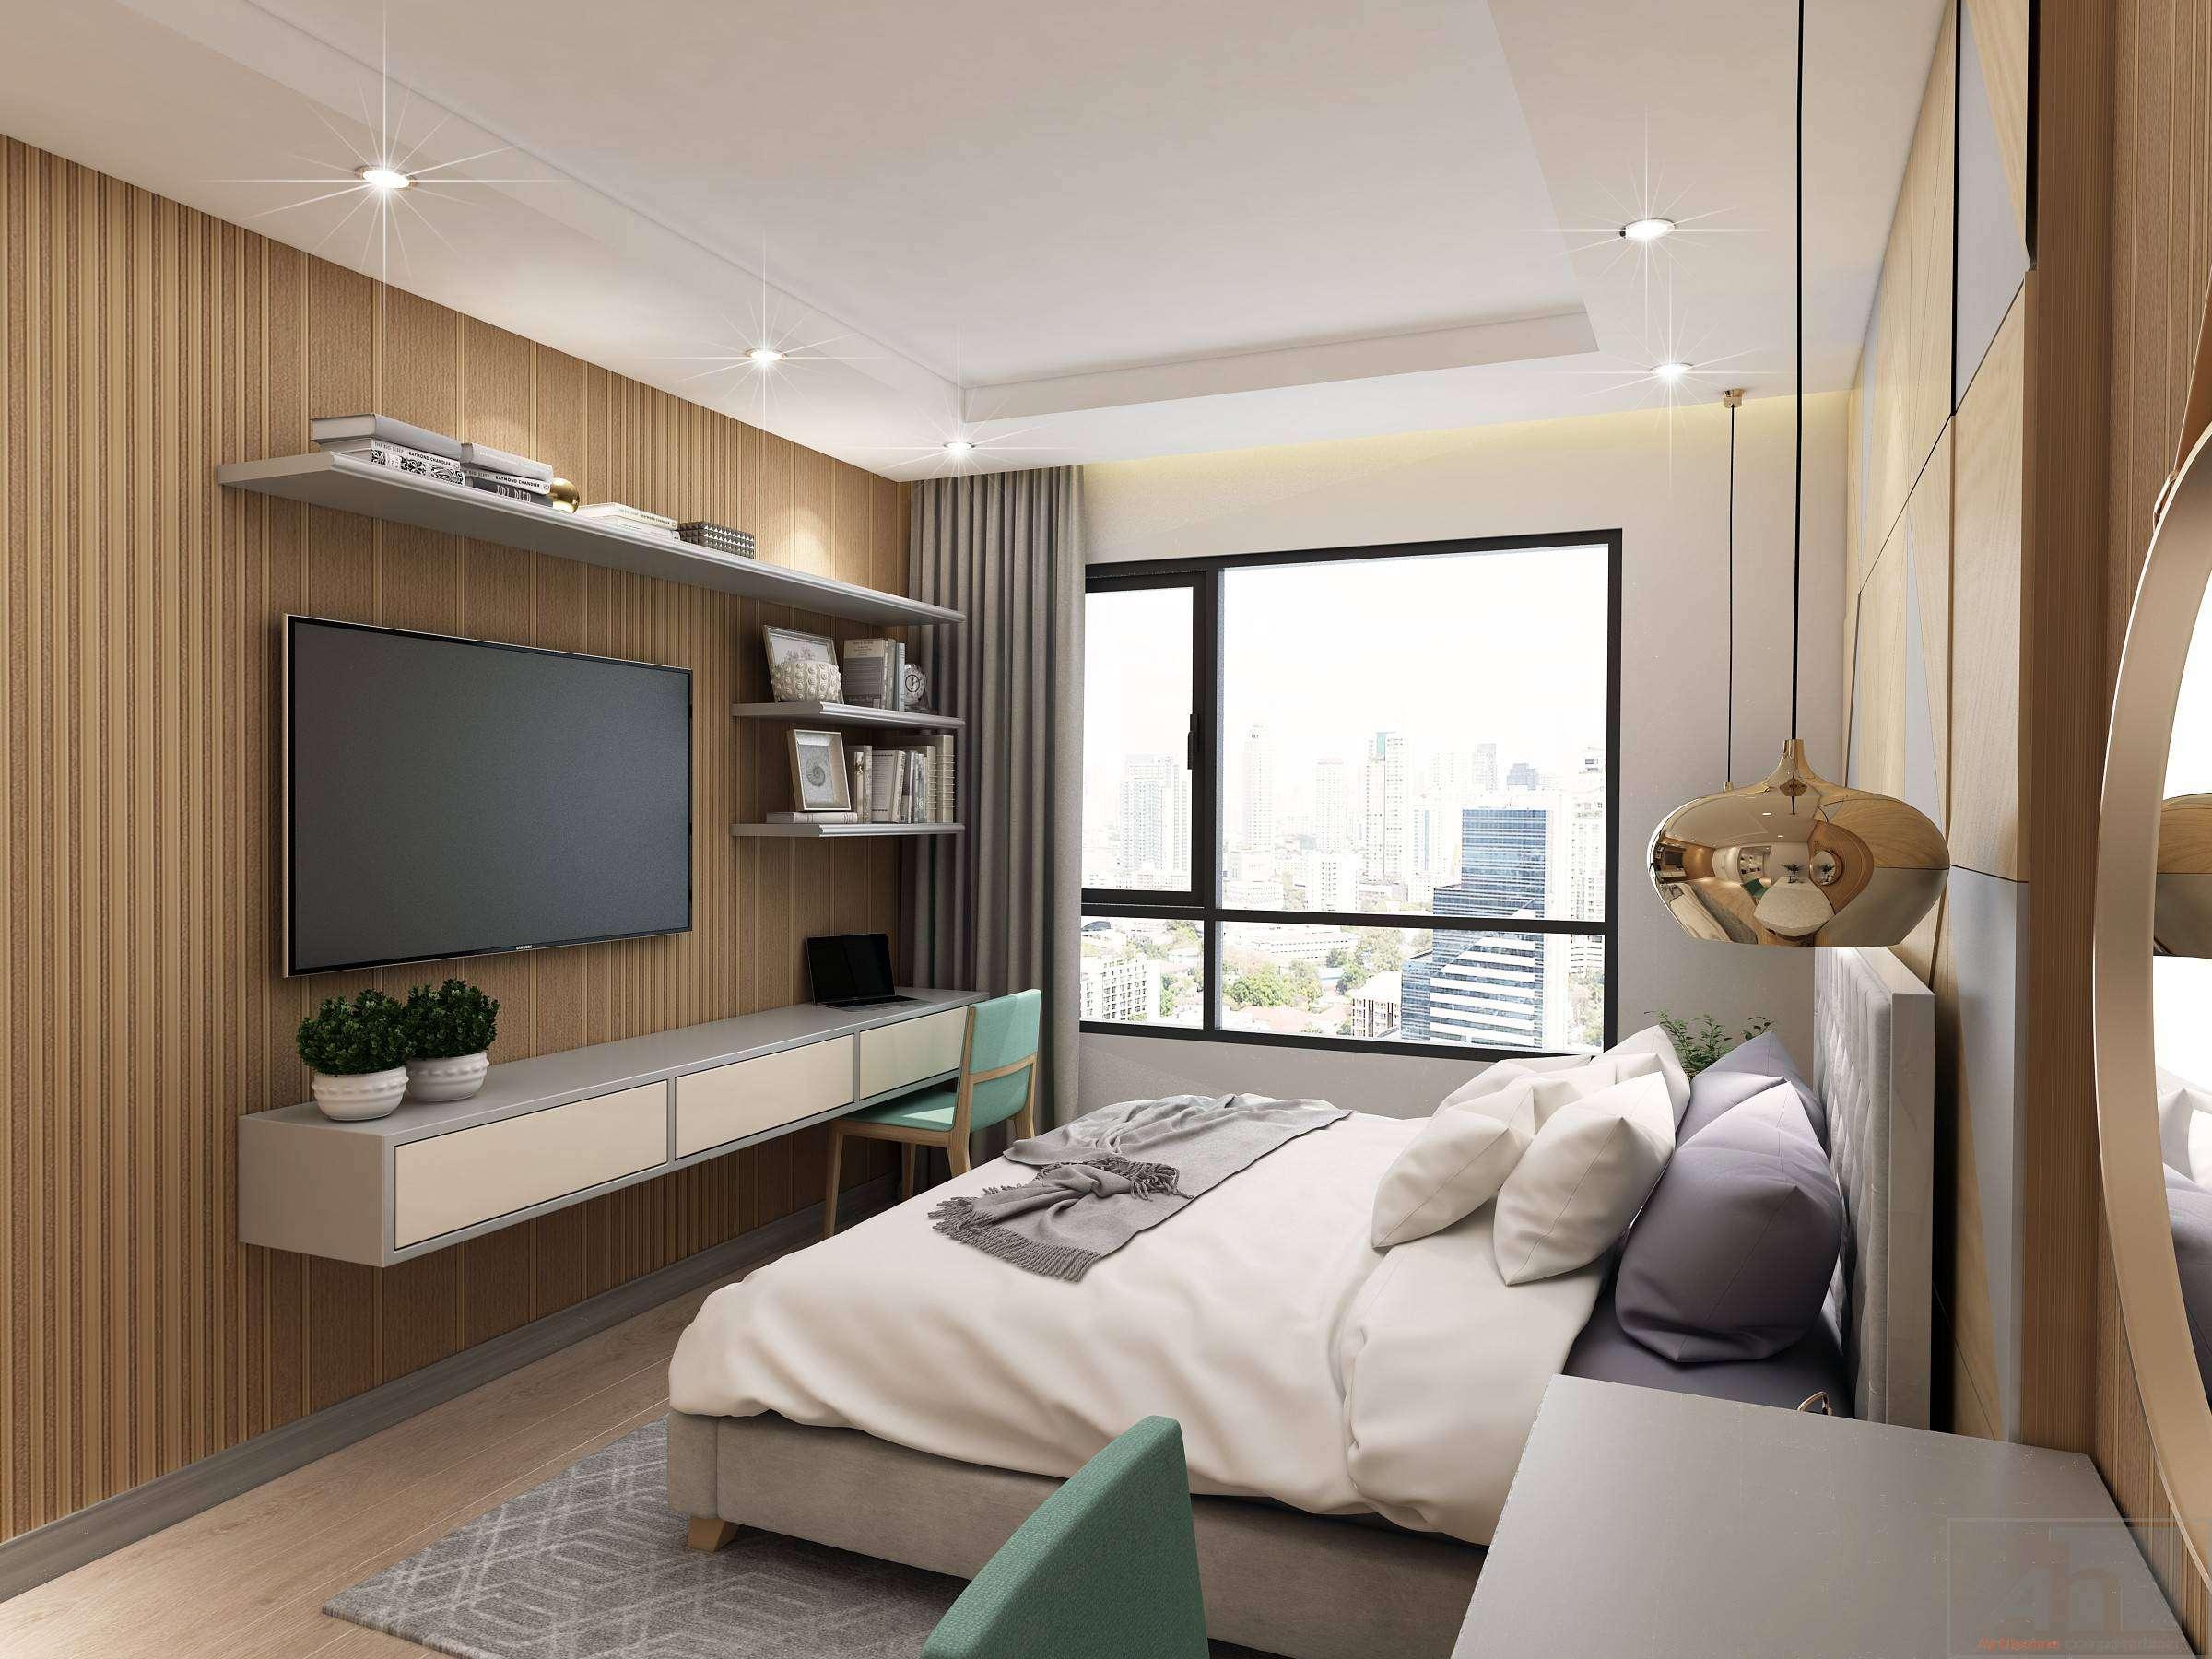 thiết kế nội thất chung cư gold view